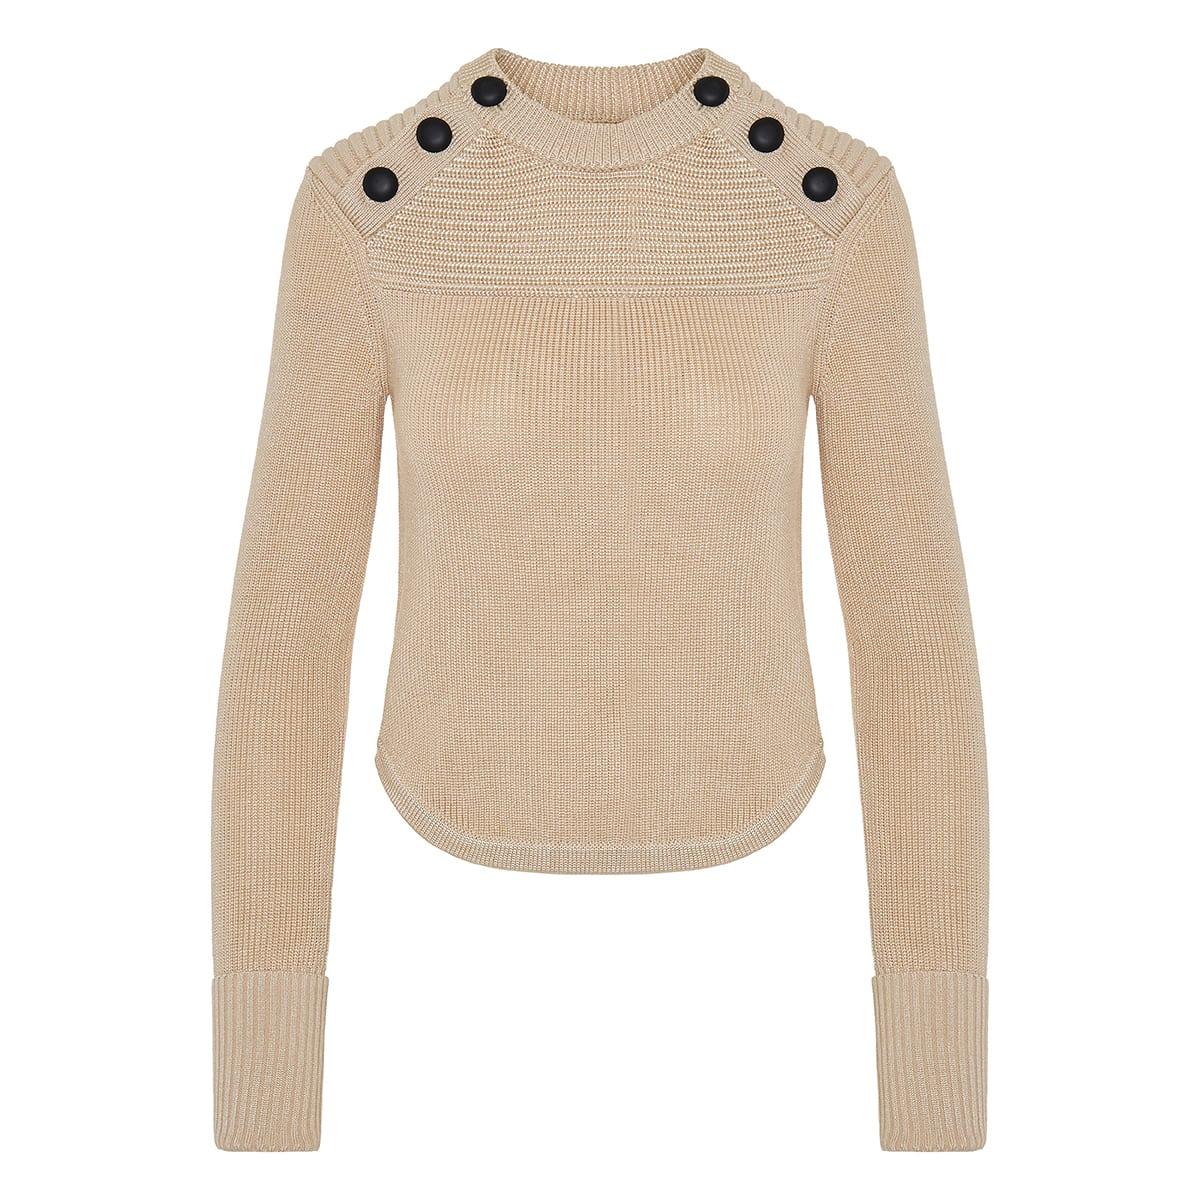 Hatfield wool sweater